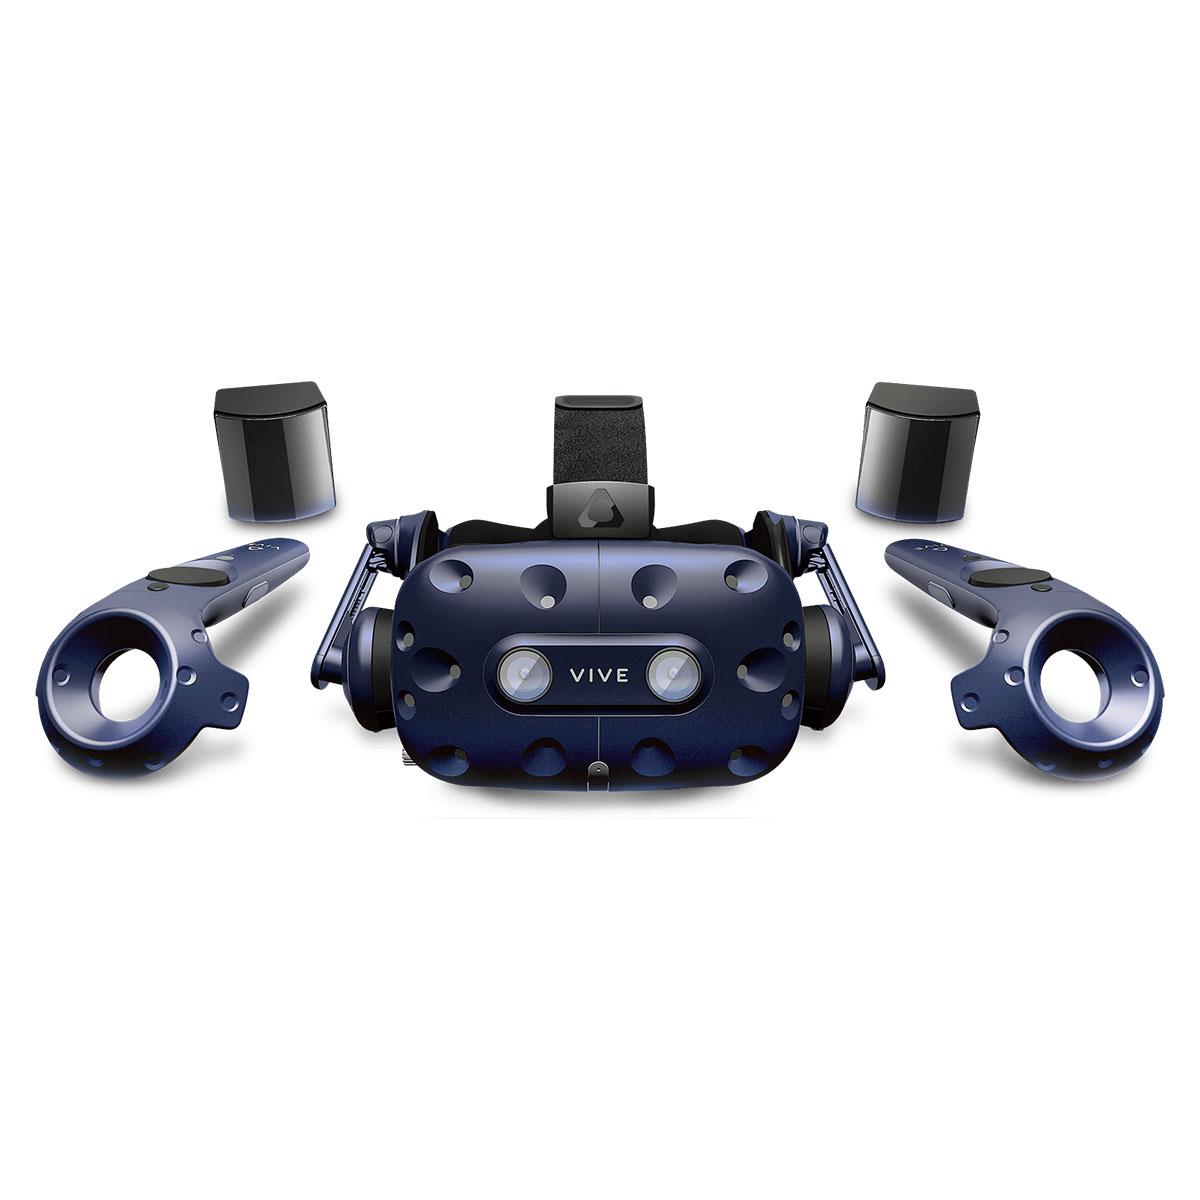 Casque Réalité Virtuelle HTC Vive Pro Complete Edition Casque de réalité virtuelle - kit VR complet